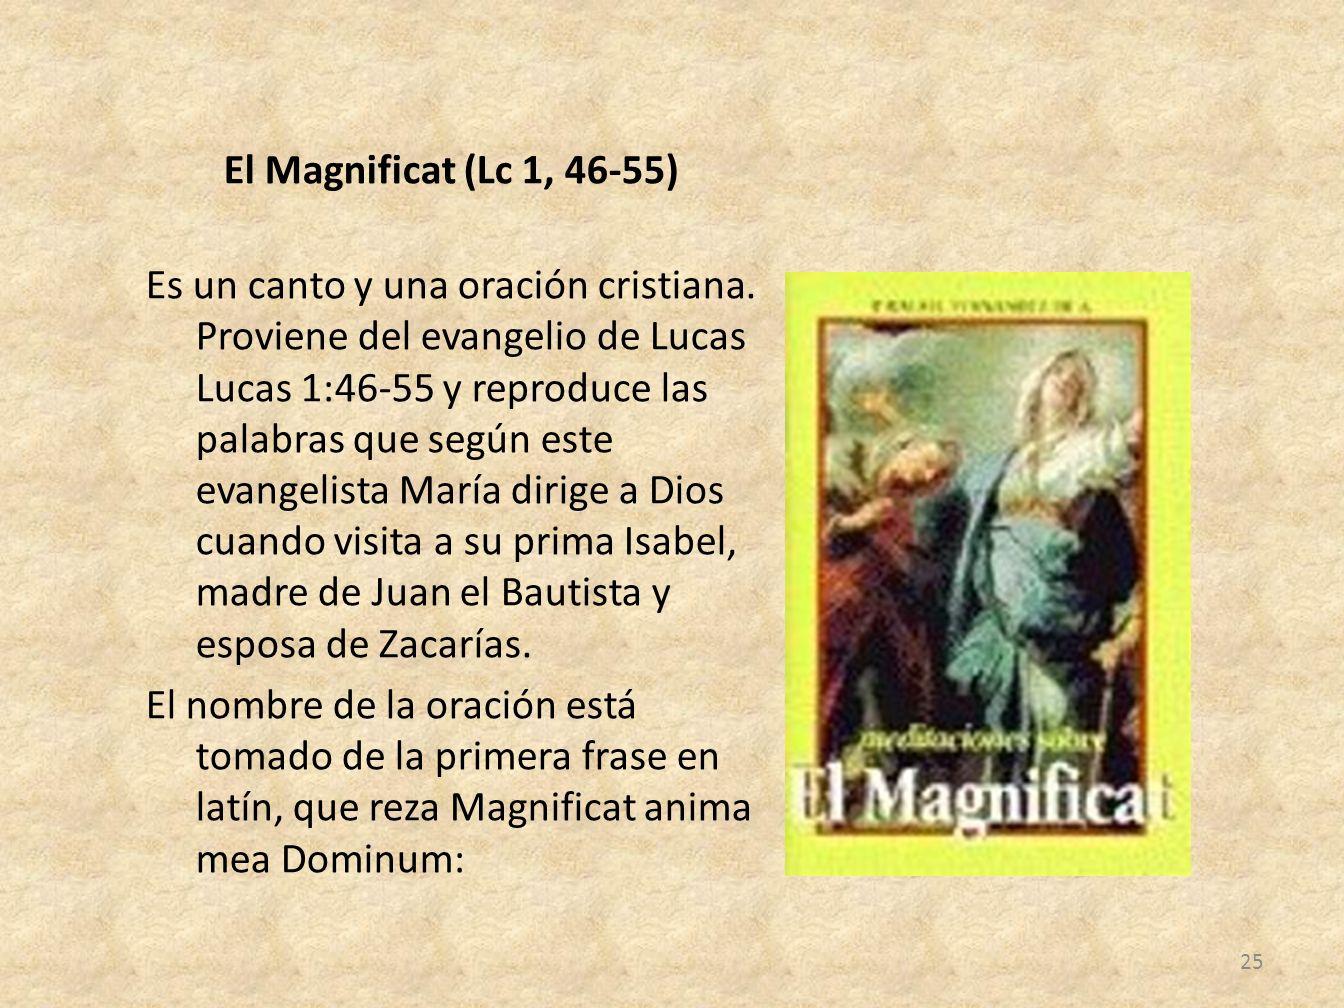 El Magnificat (Lc 1, 46-55) Es un canto y una oración cristiana. Proviene del evangelio de Lucas Lucas 1:46-55 y reproduce las palabras que según este